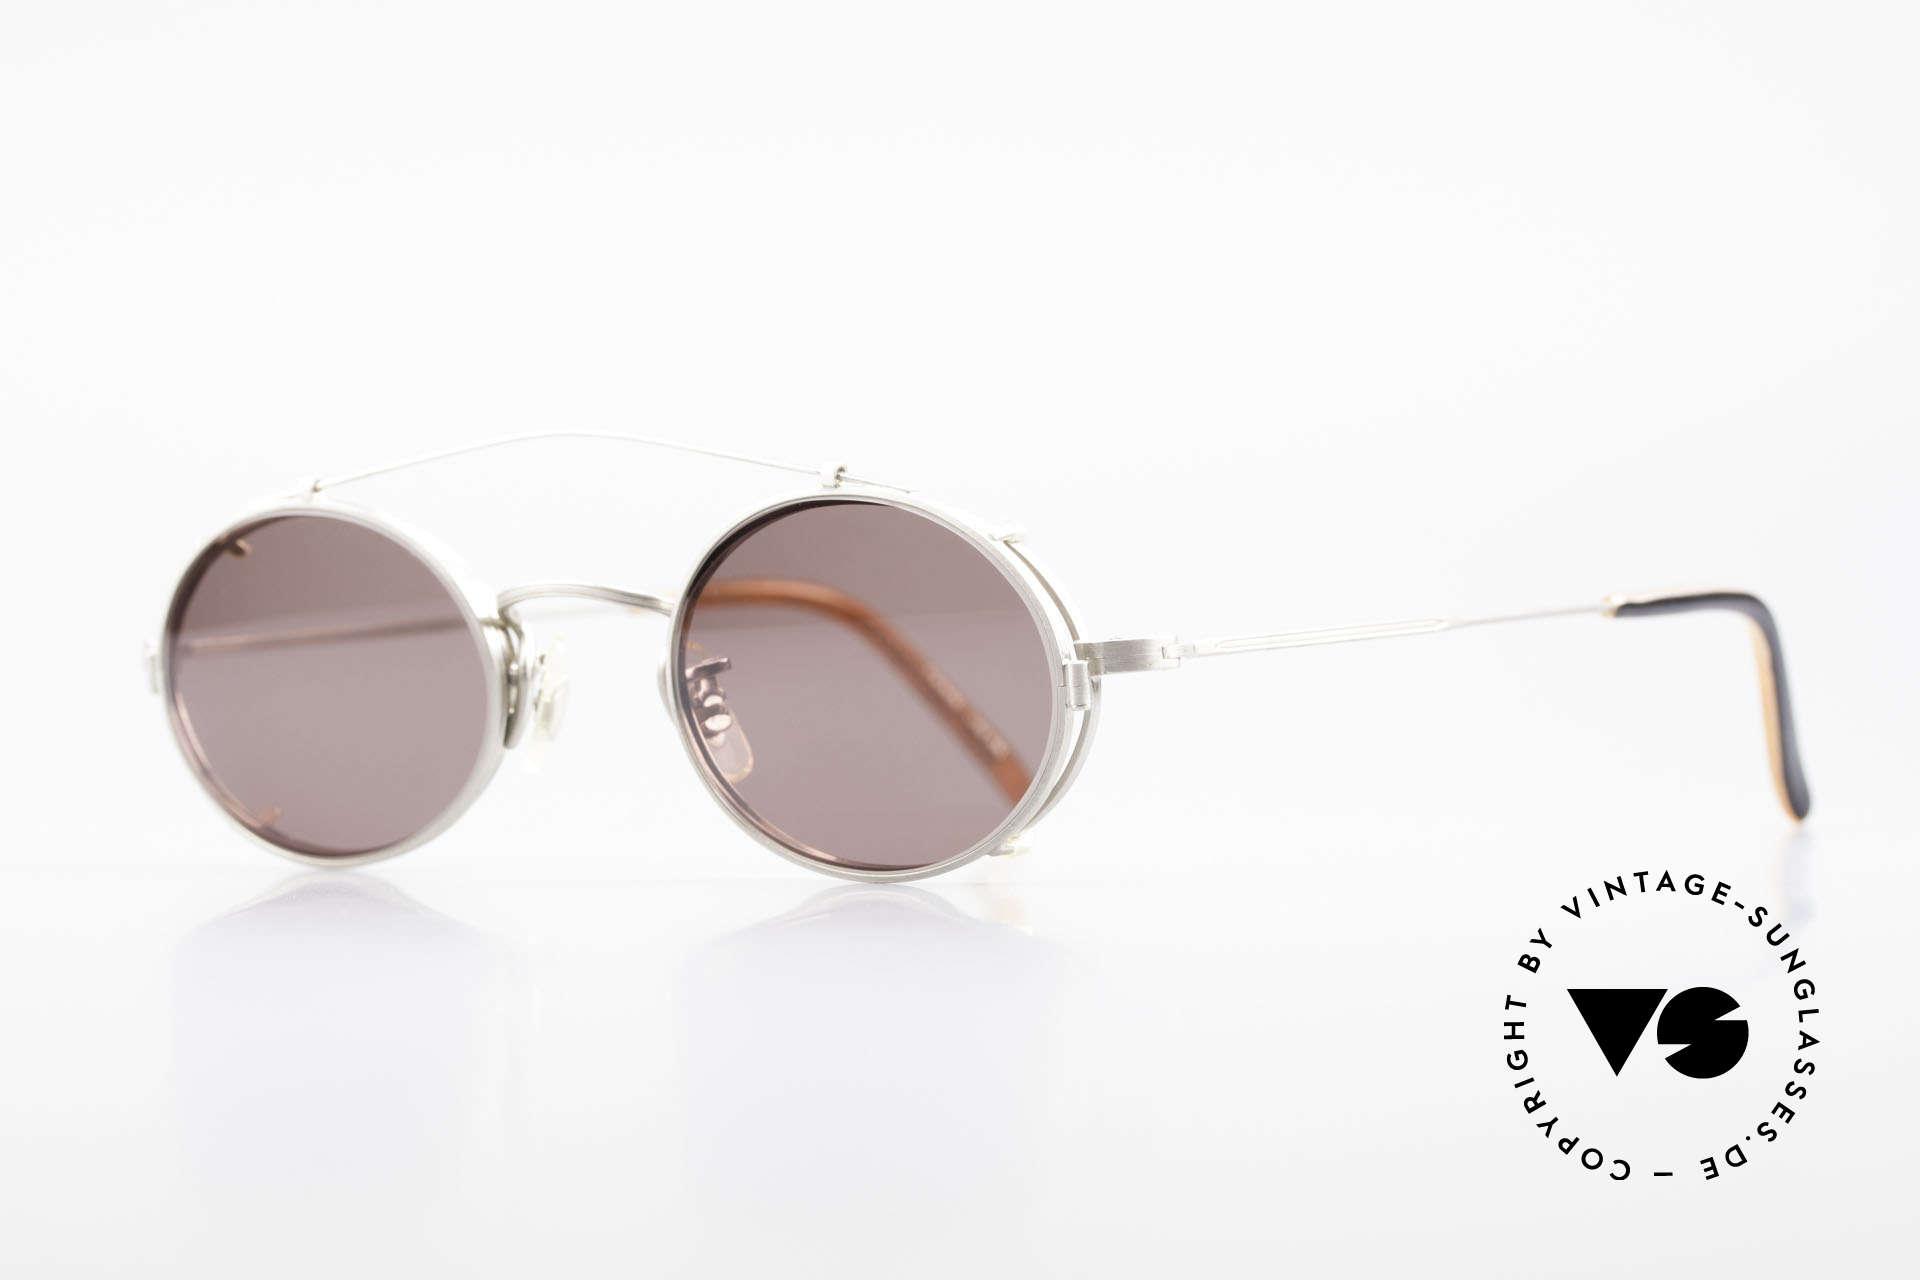 Paul Smith PS100 Ovale Vintage Brille Clip On, dieses alte Paul Smith Original ist noch 'made in Japan', Passend für Herren und Damen